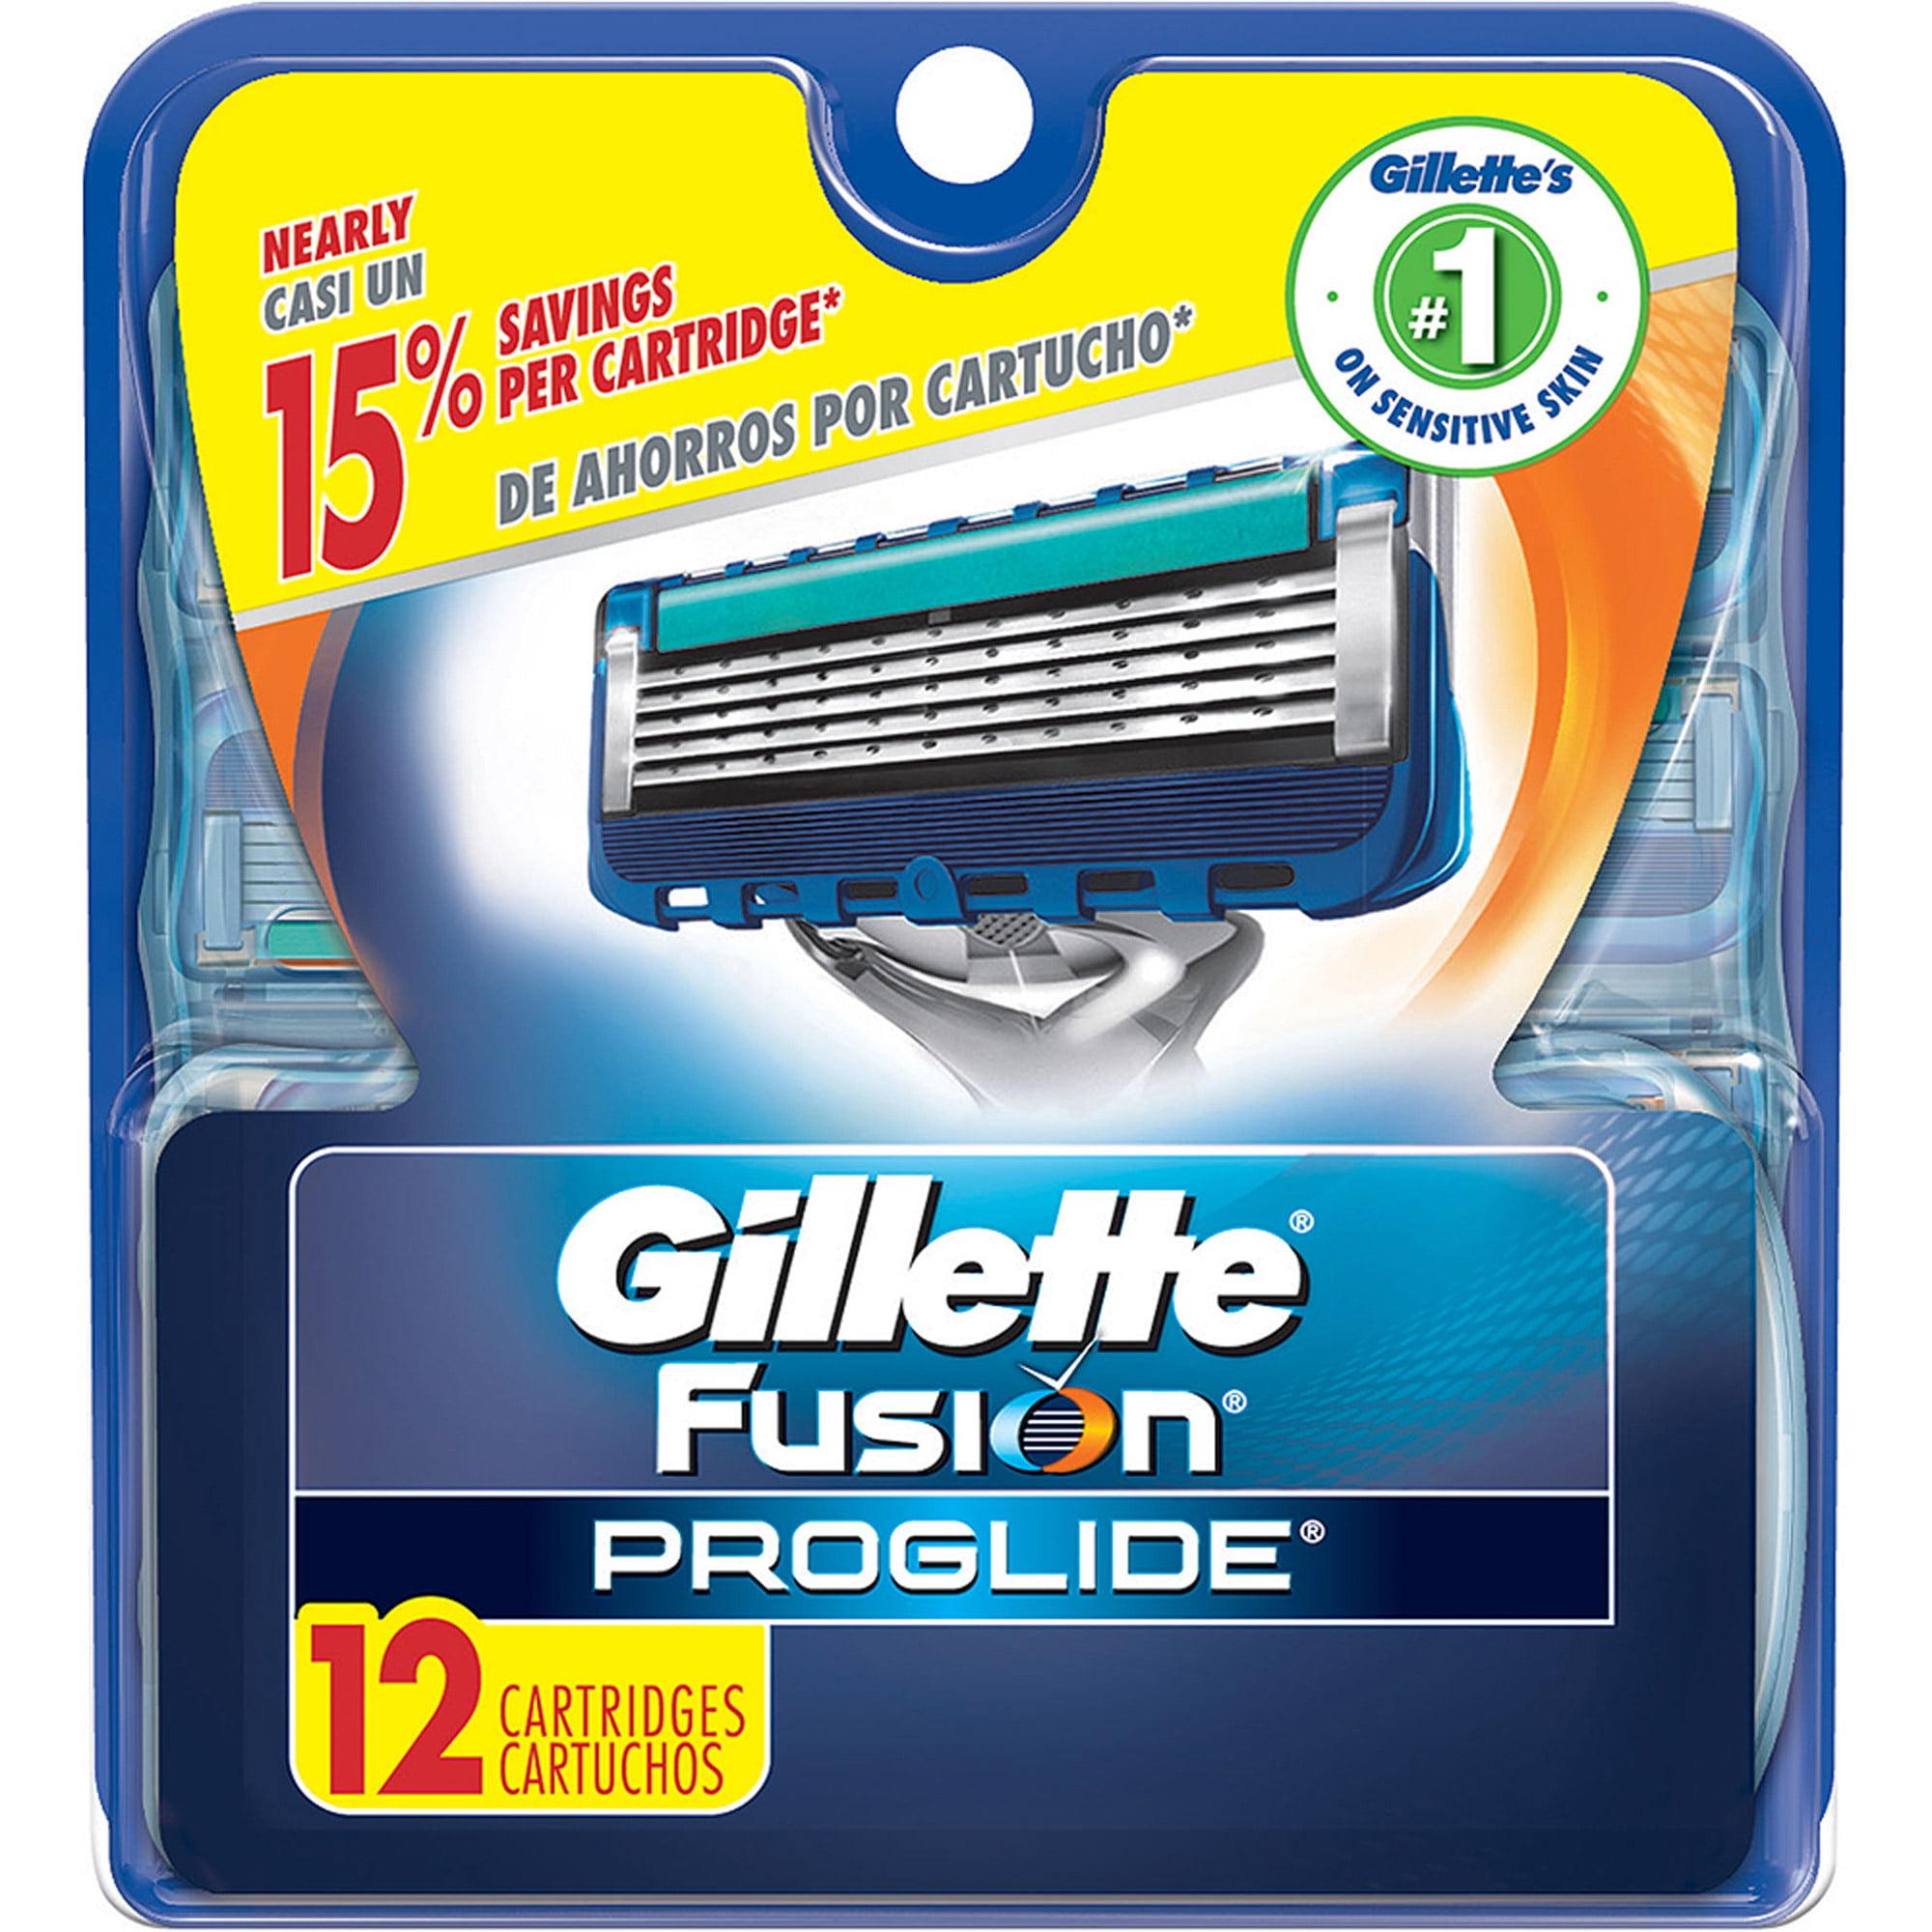 Gillette Fusion ProGlide Razor Cartridge Refills, 12 count